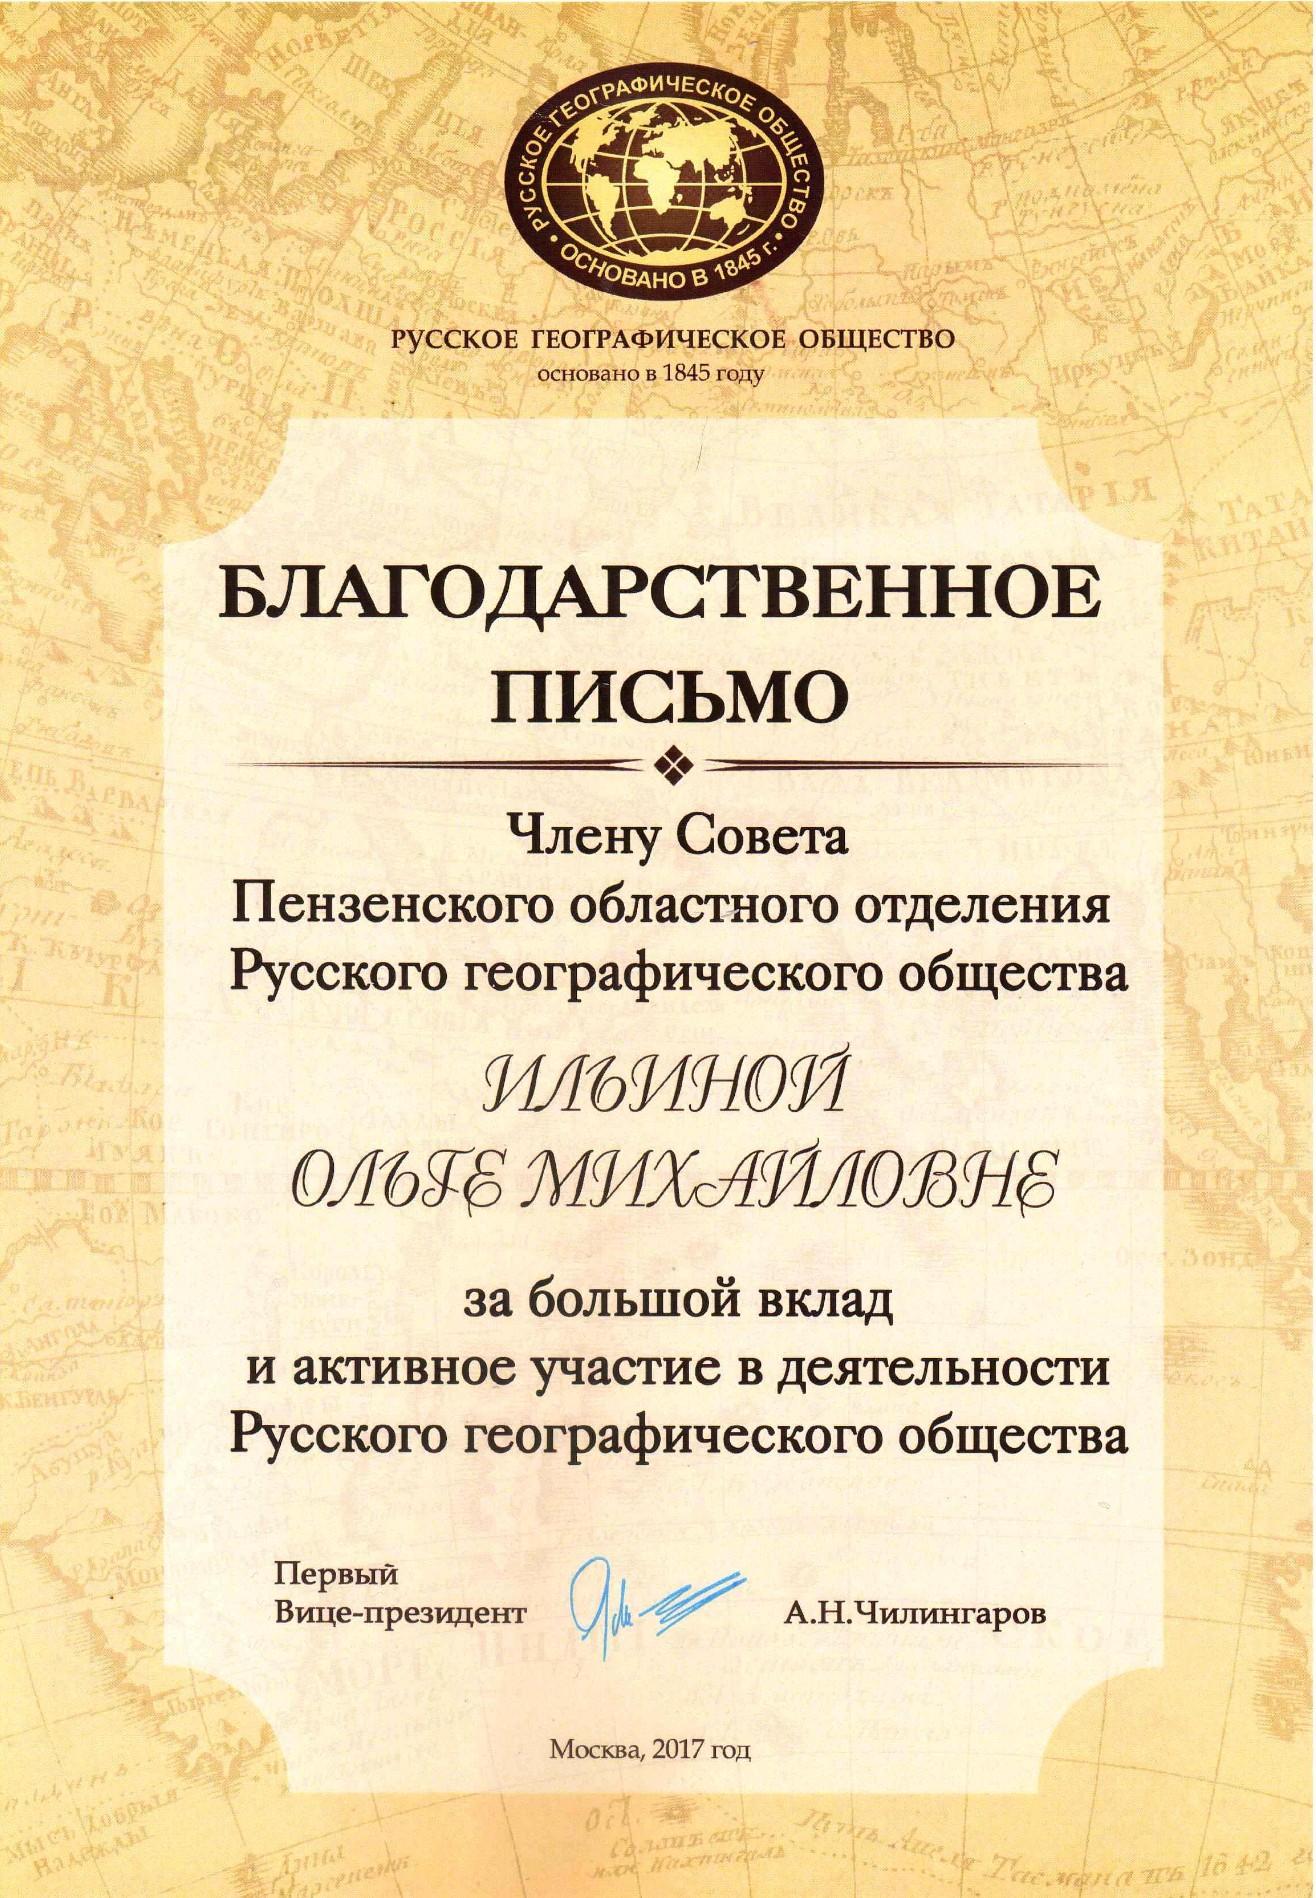 deystvitelniy-chlen-russkogo-geograficheskogo-obshestva